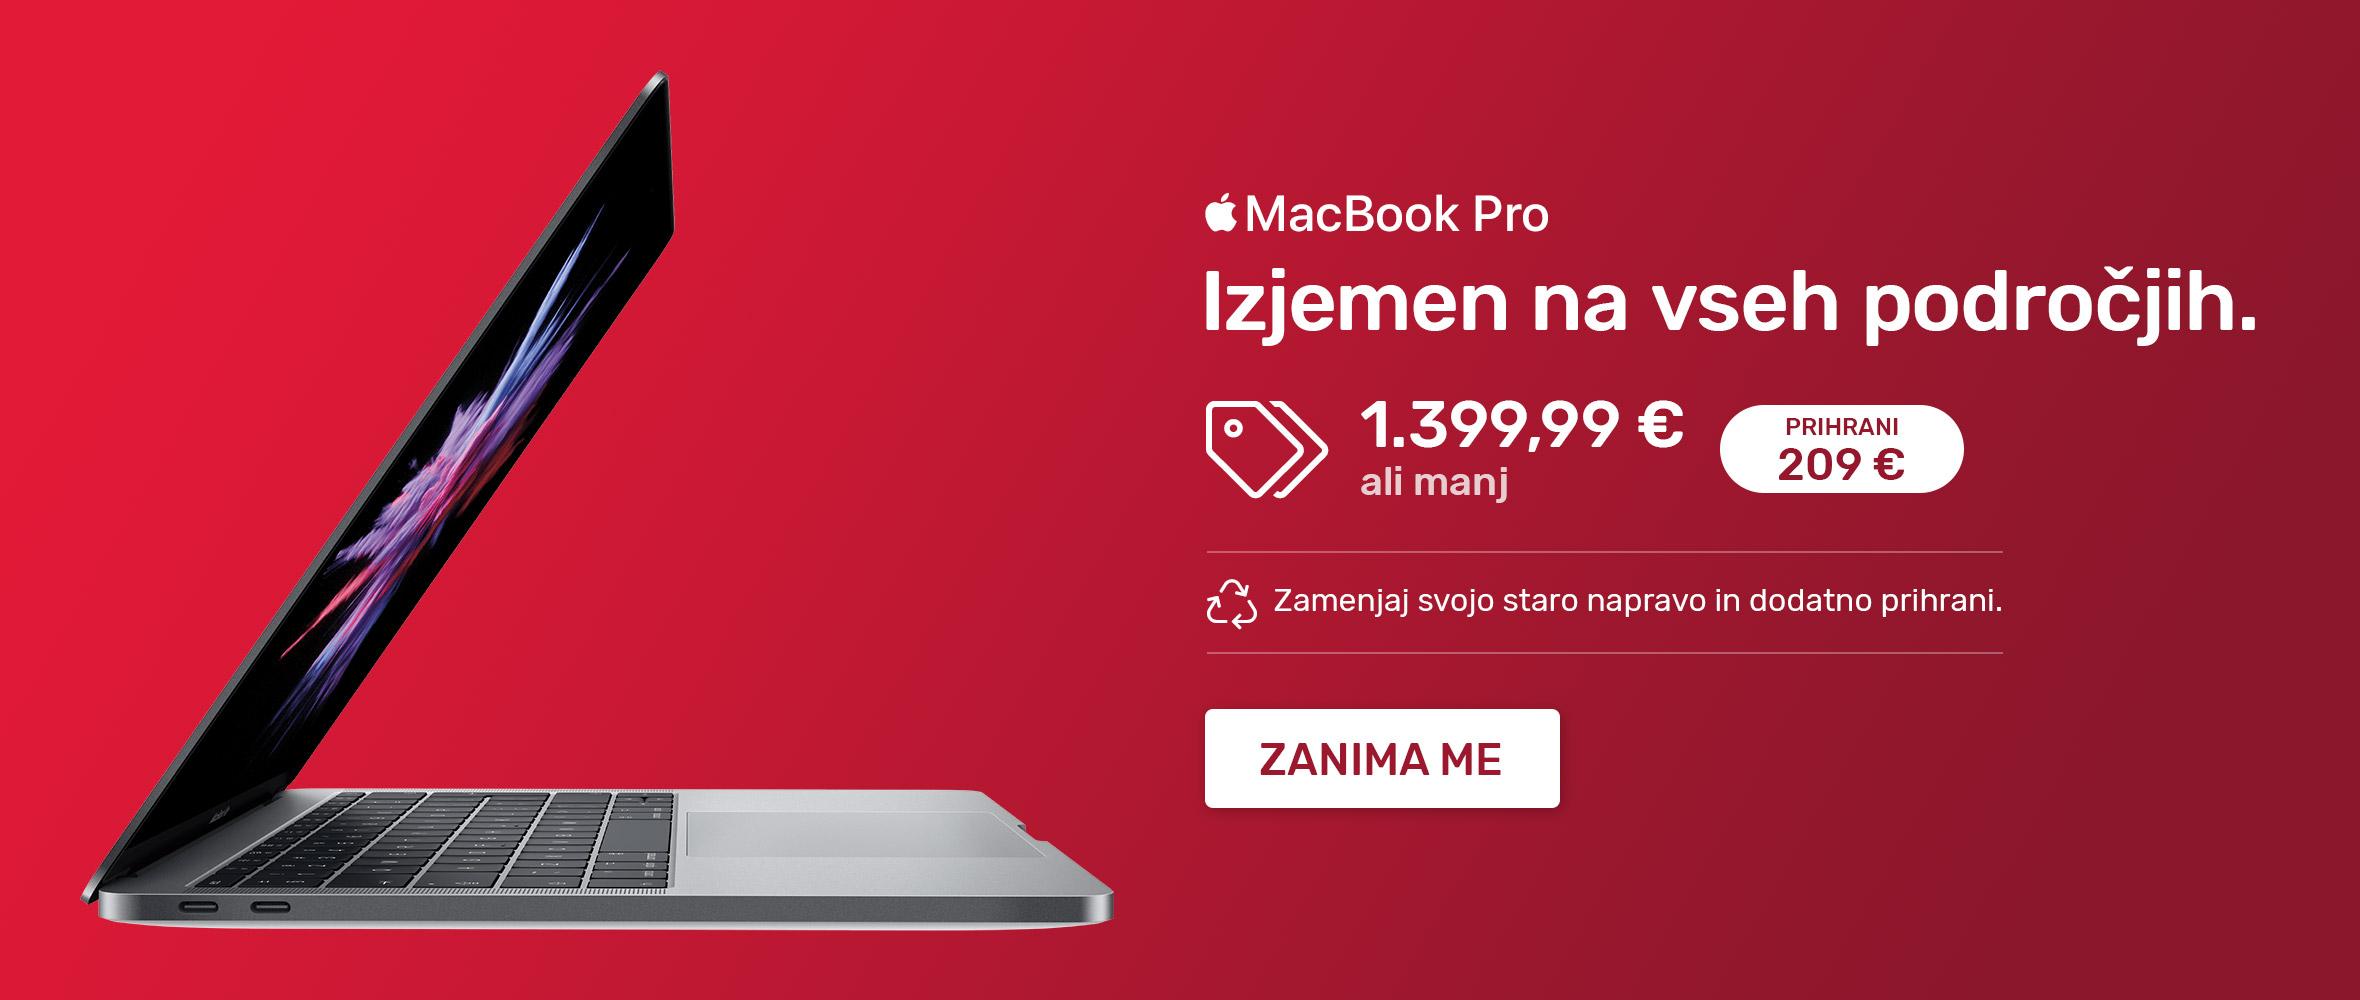 SI - MacBook Pro akcija